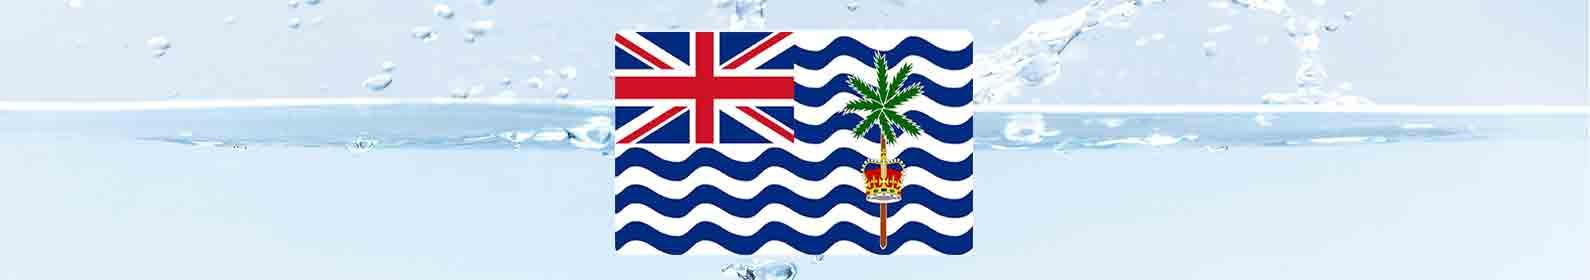 water-treatment-british-indian-ocean-territory.jpg